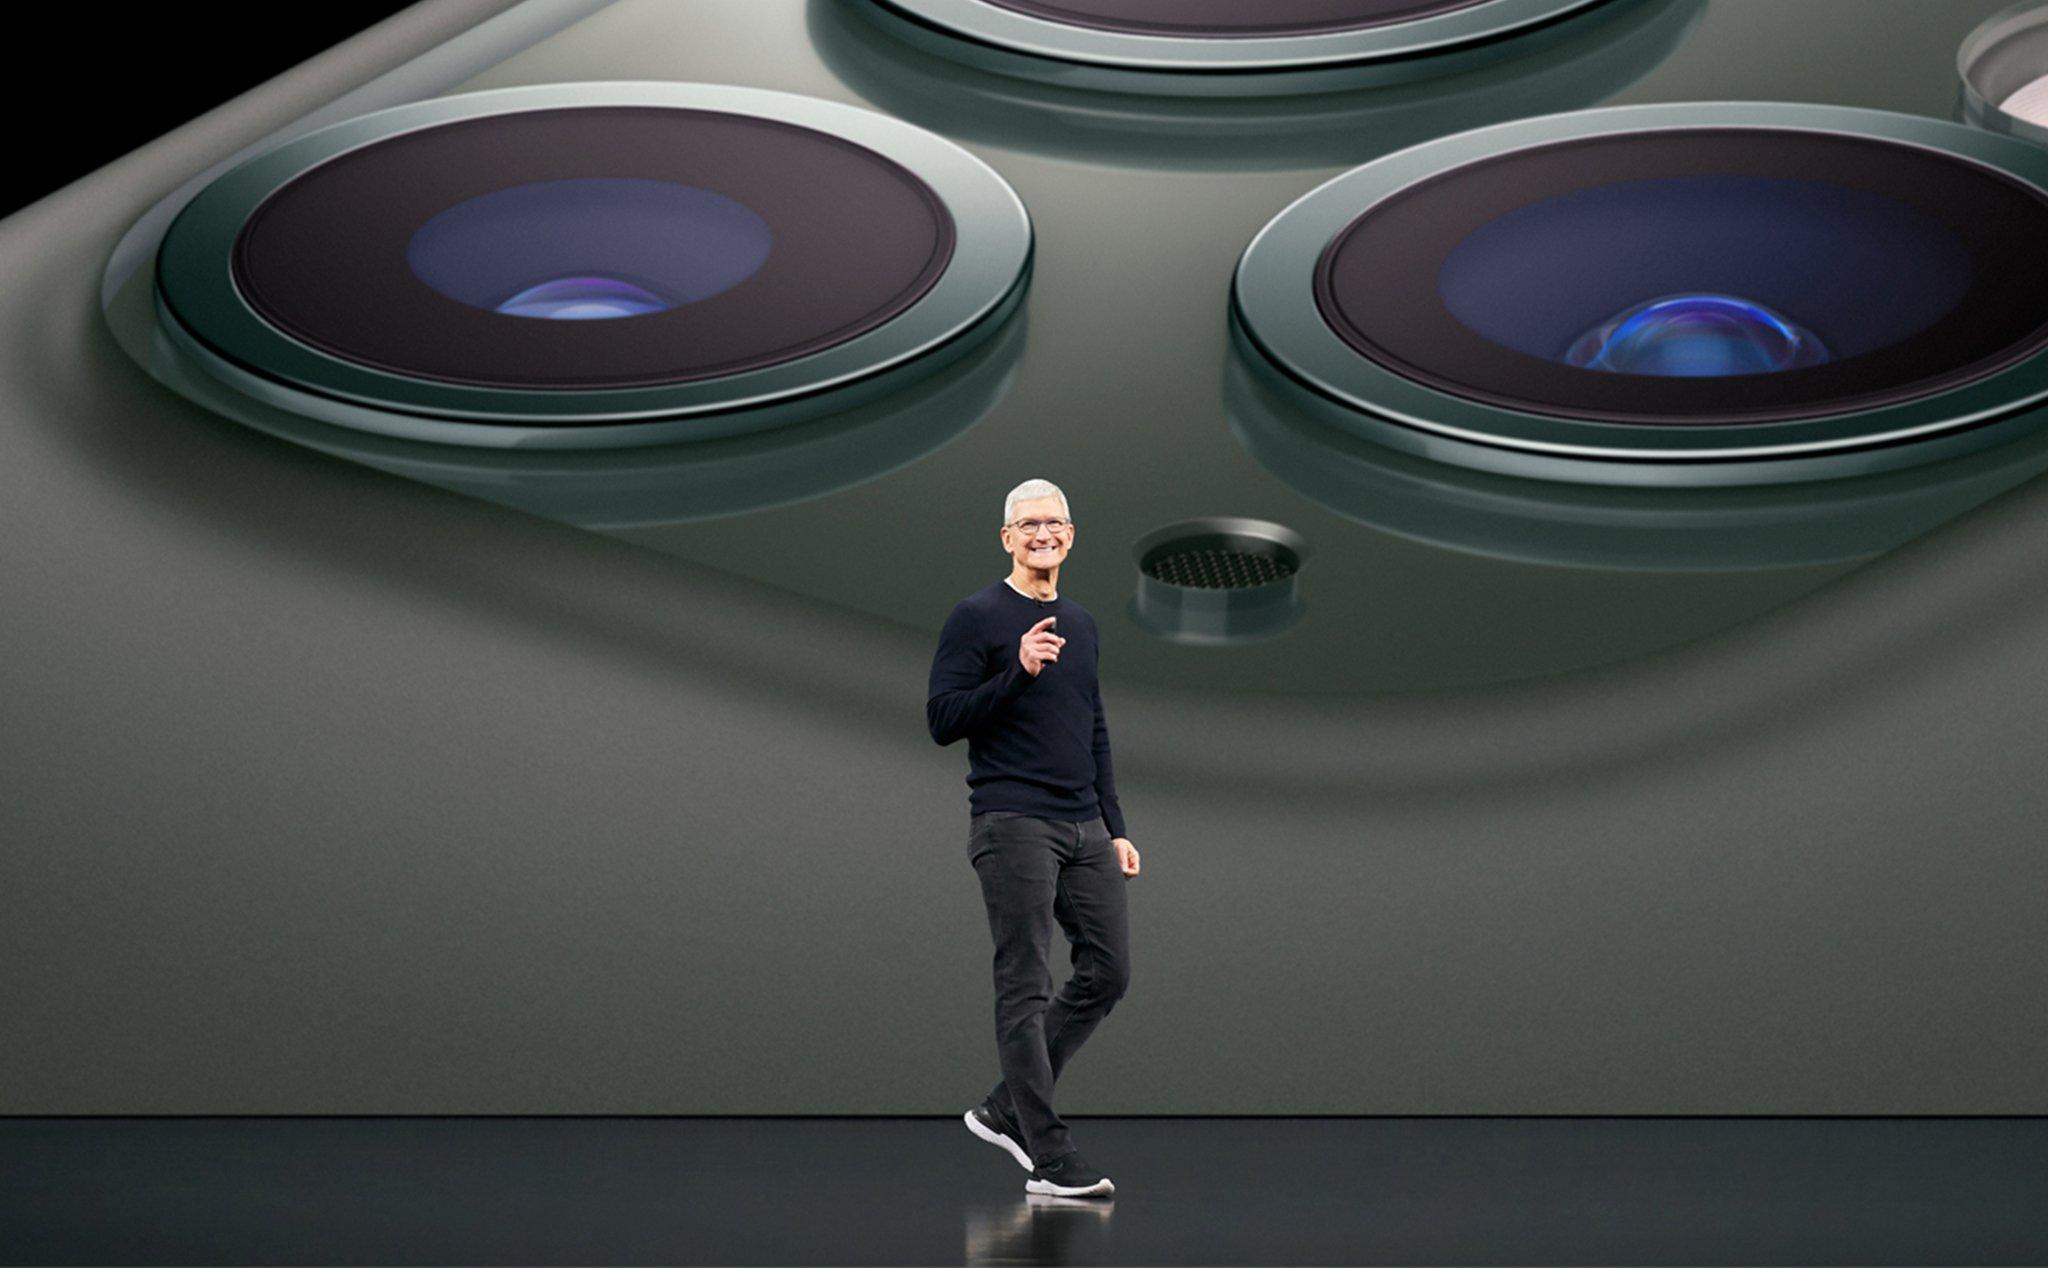 Tất cả những gì bạn cần biết về sự kiện Apple hôm nay (15/09): iPad mới, Apple Watch Series 6,…